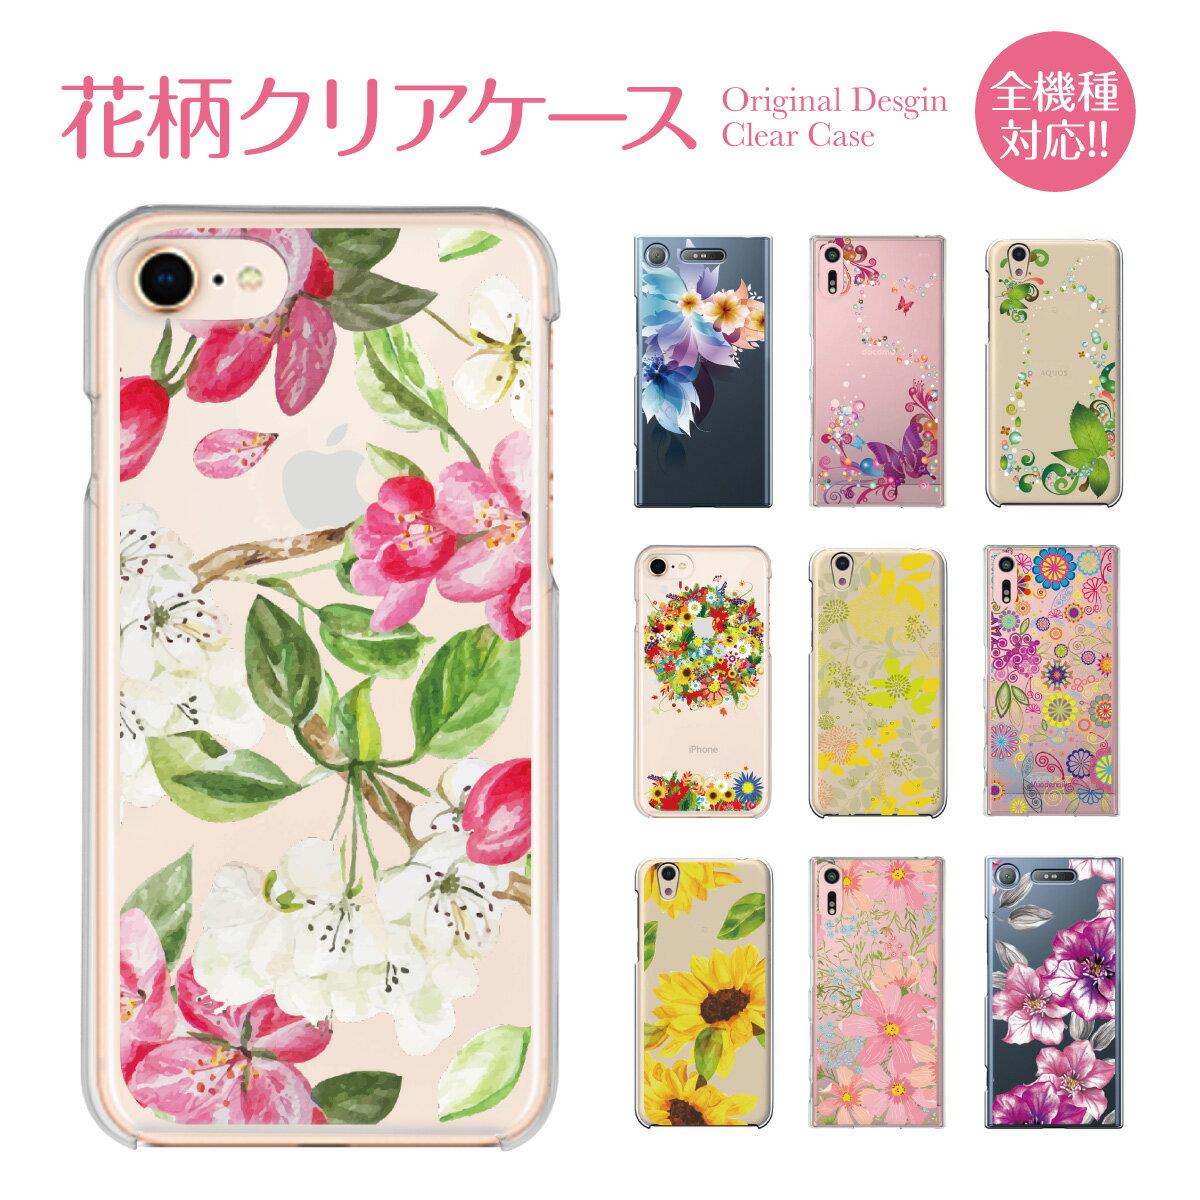 スマホケース 全機種対応 ケース カバー ハードケース クリアケース iPhoneXS Max iPhoneXR iPhoneX iPhone8 iPhone7 iPhone Xperia 1 SO-03L SOV40 Ase XZ3 SO-01L XZ2 XZ1 XZ aquos R3 sh-04l shv44 R2 sh-04k sense2 galaxy S10 S9 S8 花柄 08-zen-hanagara